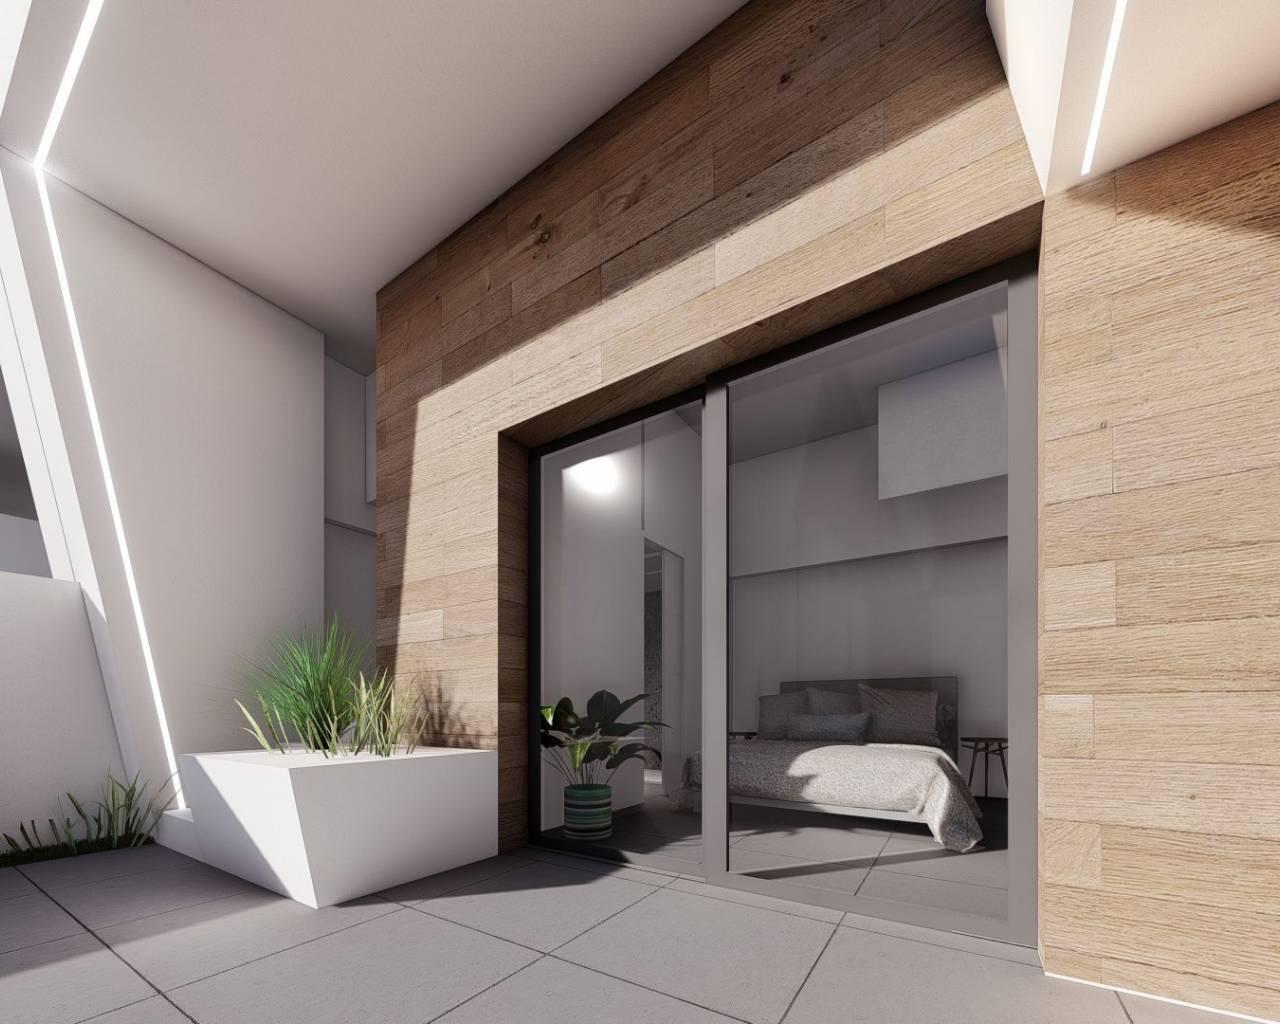 nieuwbouw-half-vrijstaande-villa-roldan_5743_xl